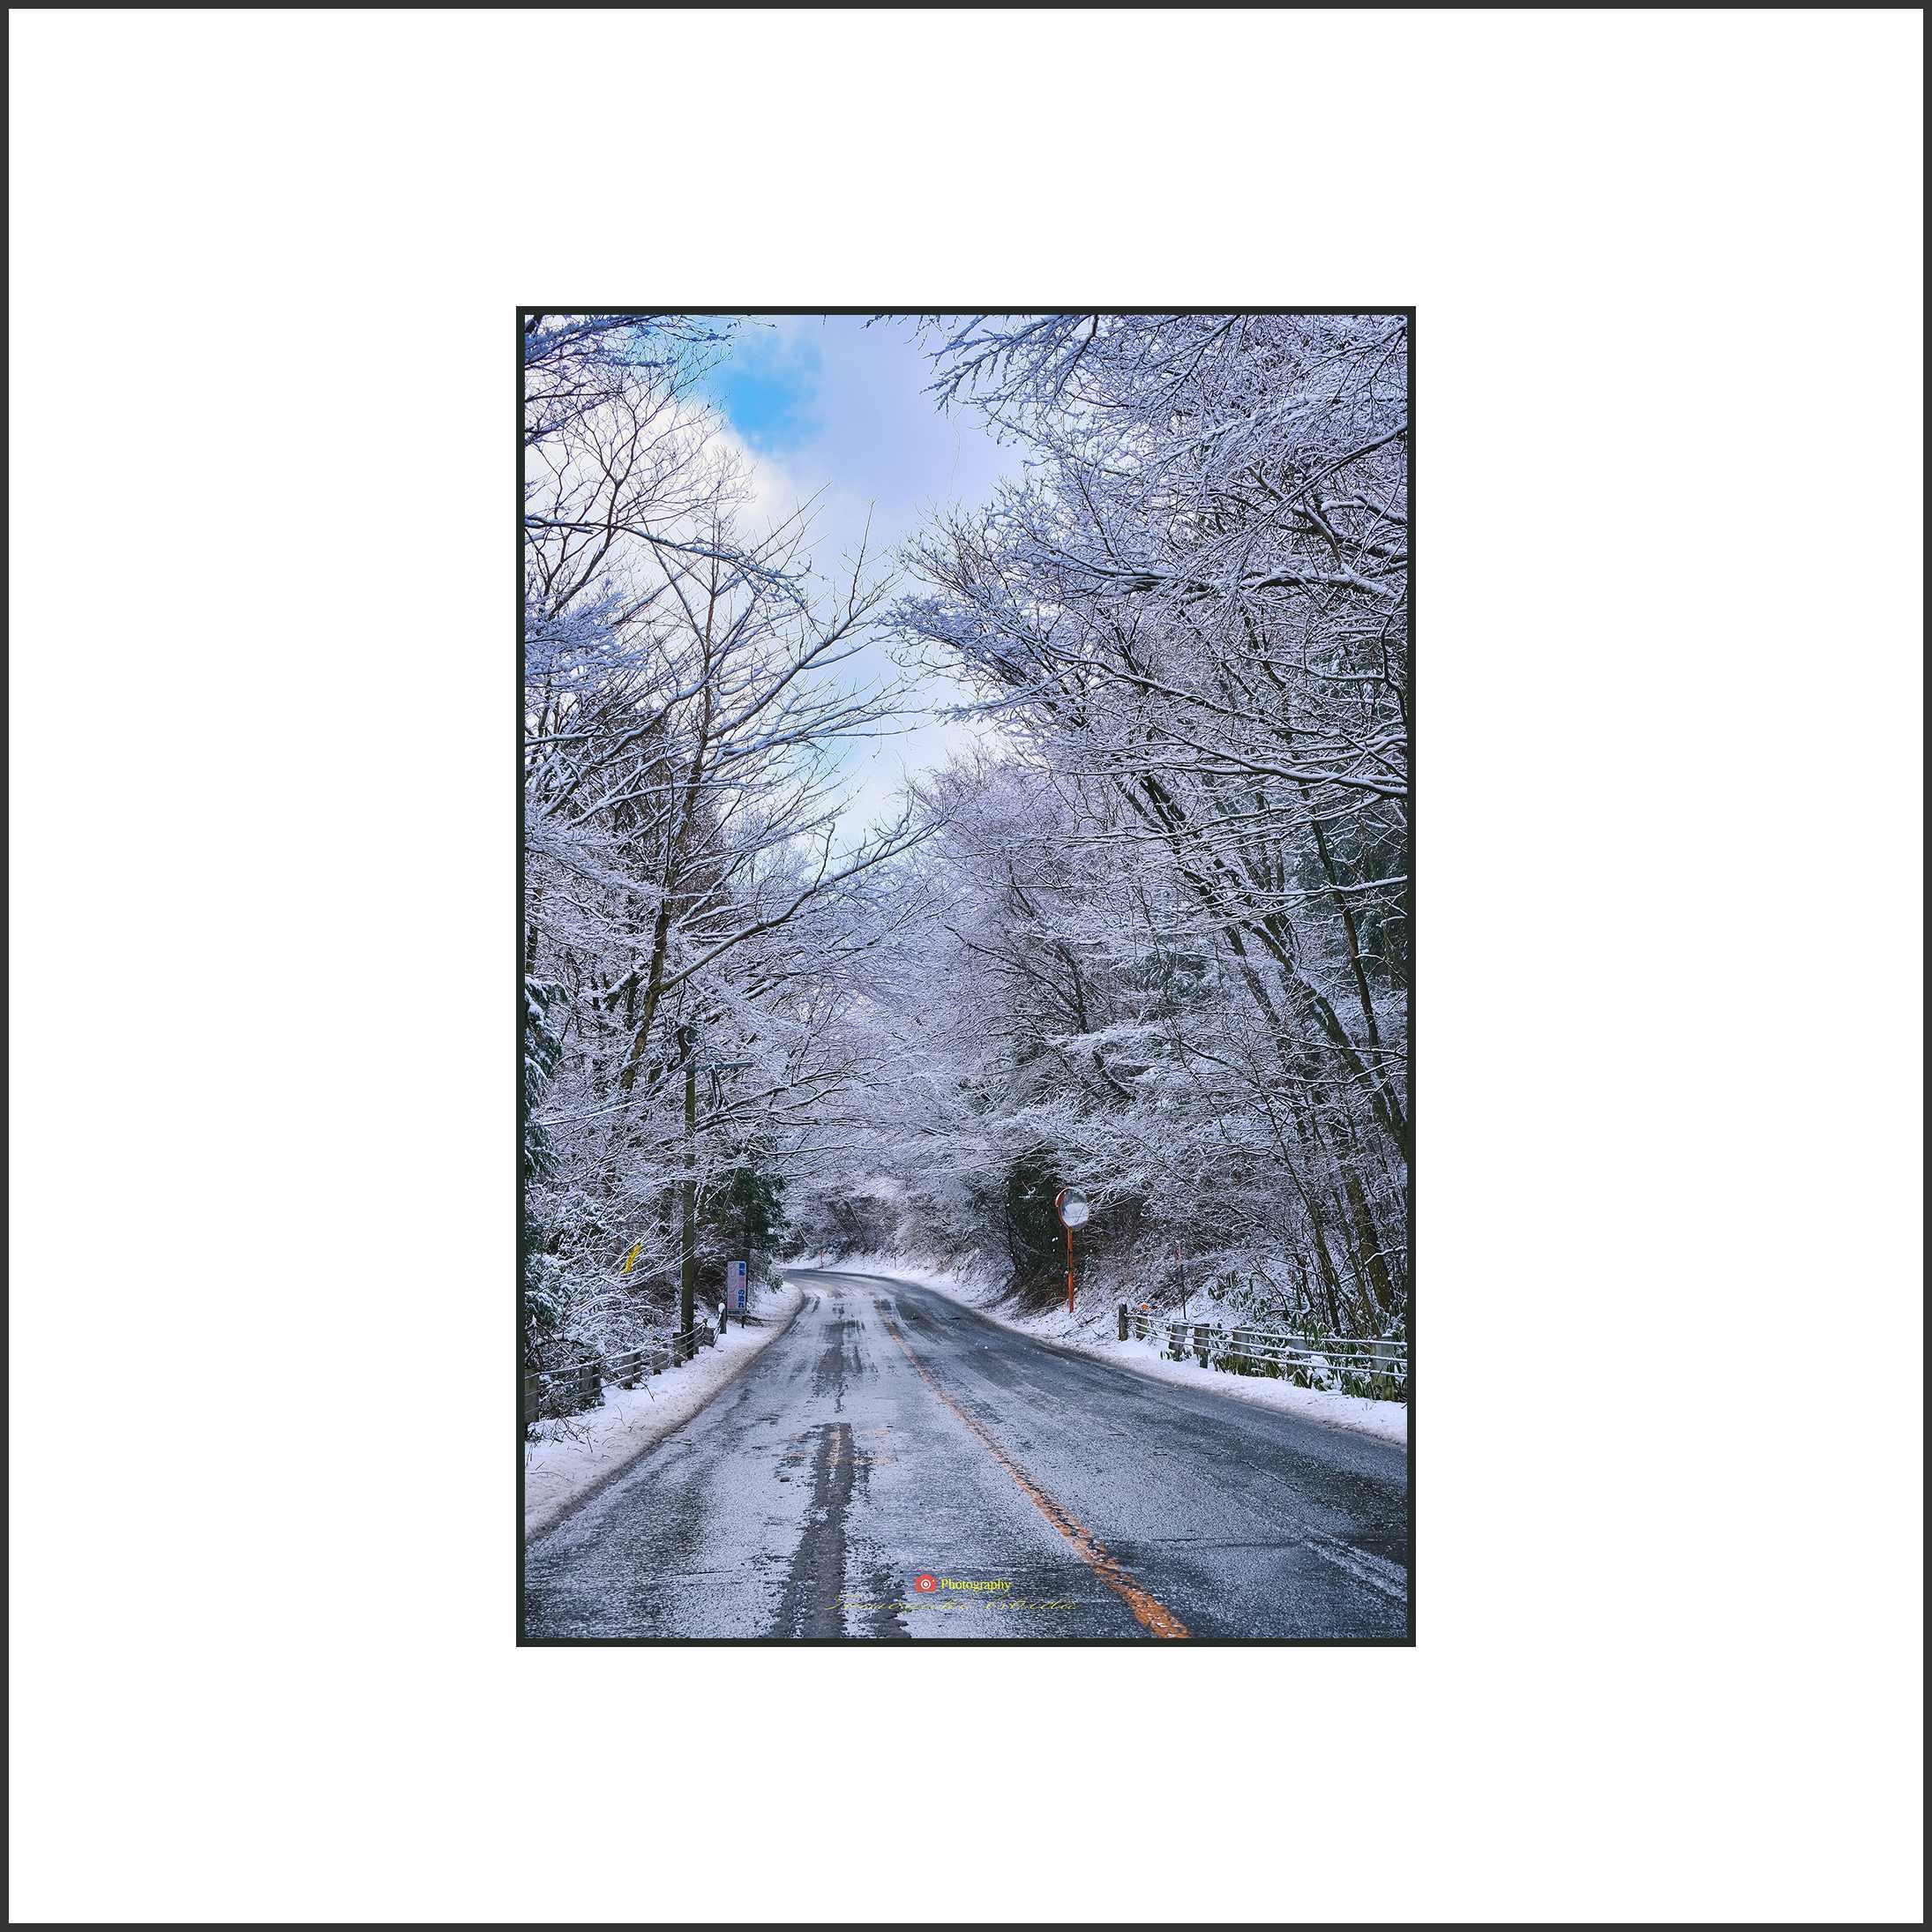 雪の朝_c0253556_06364616.jpg